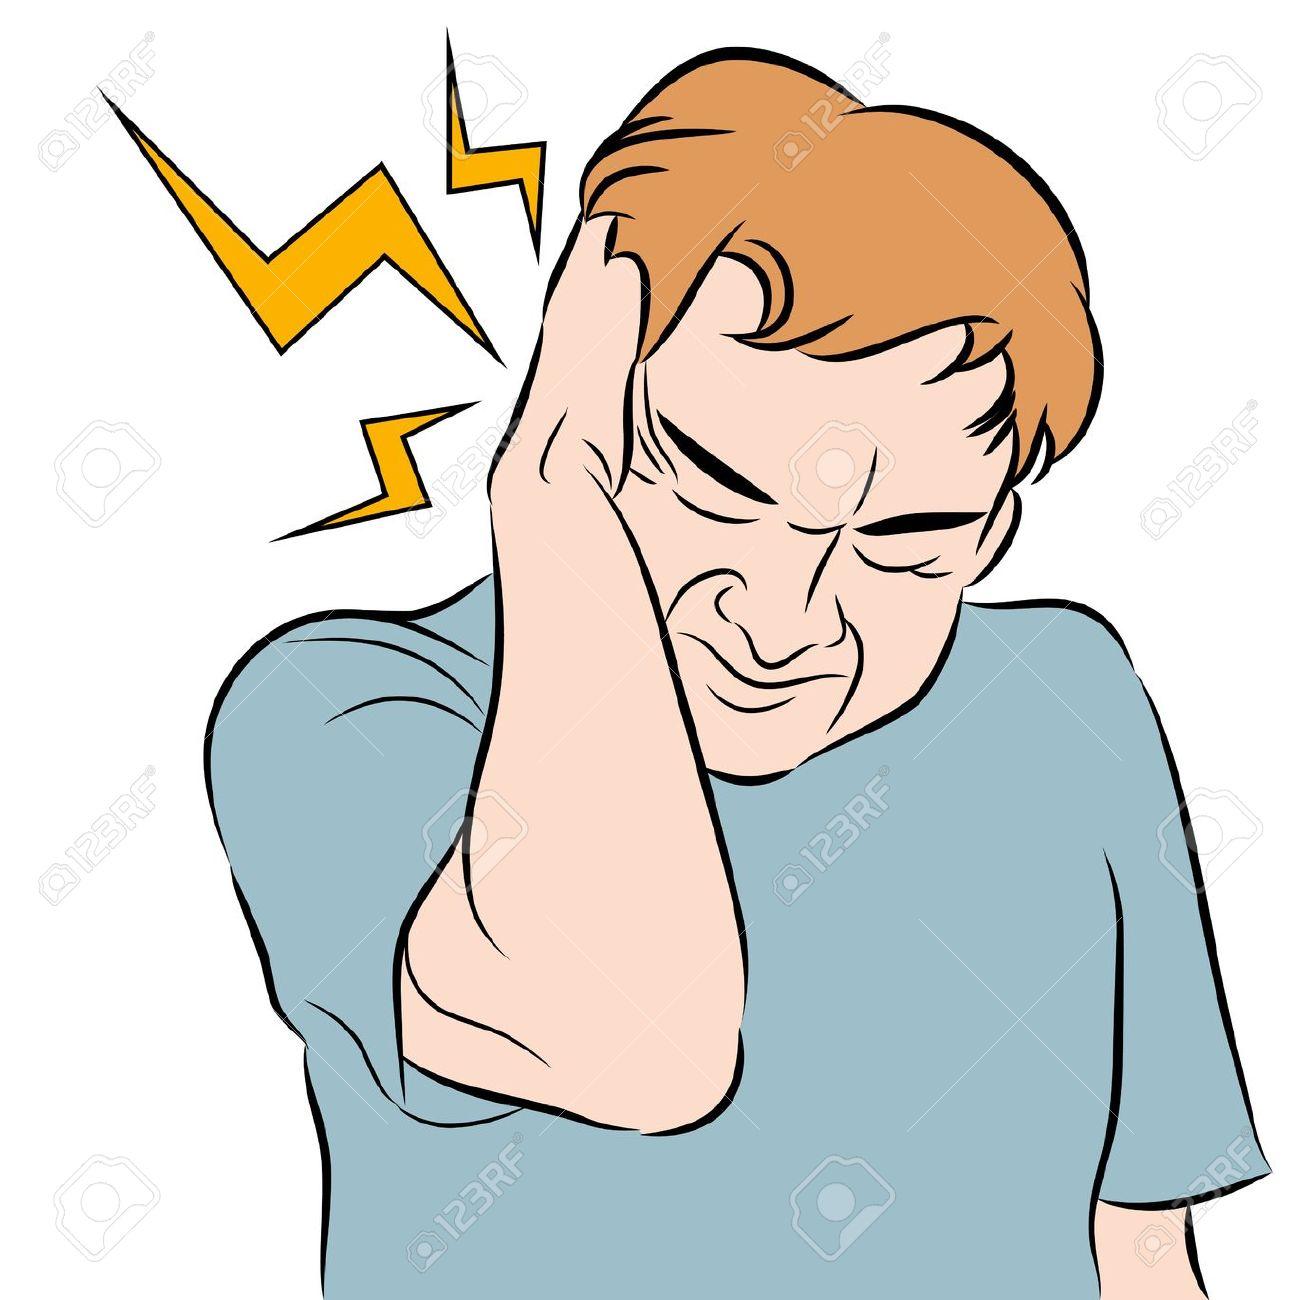 A Headache Clipart.